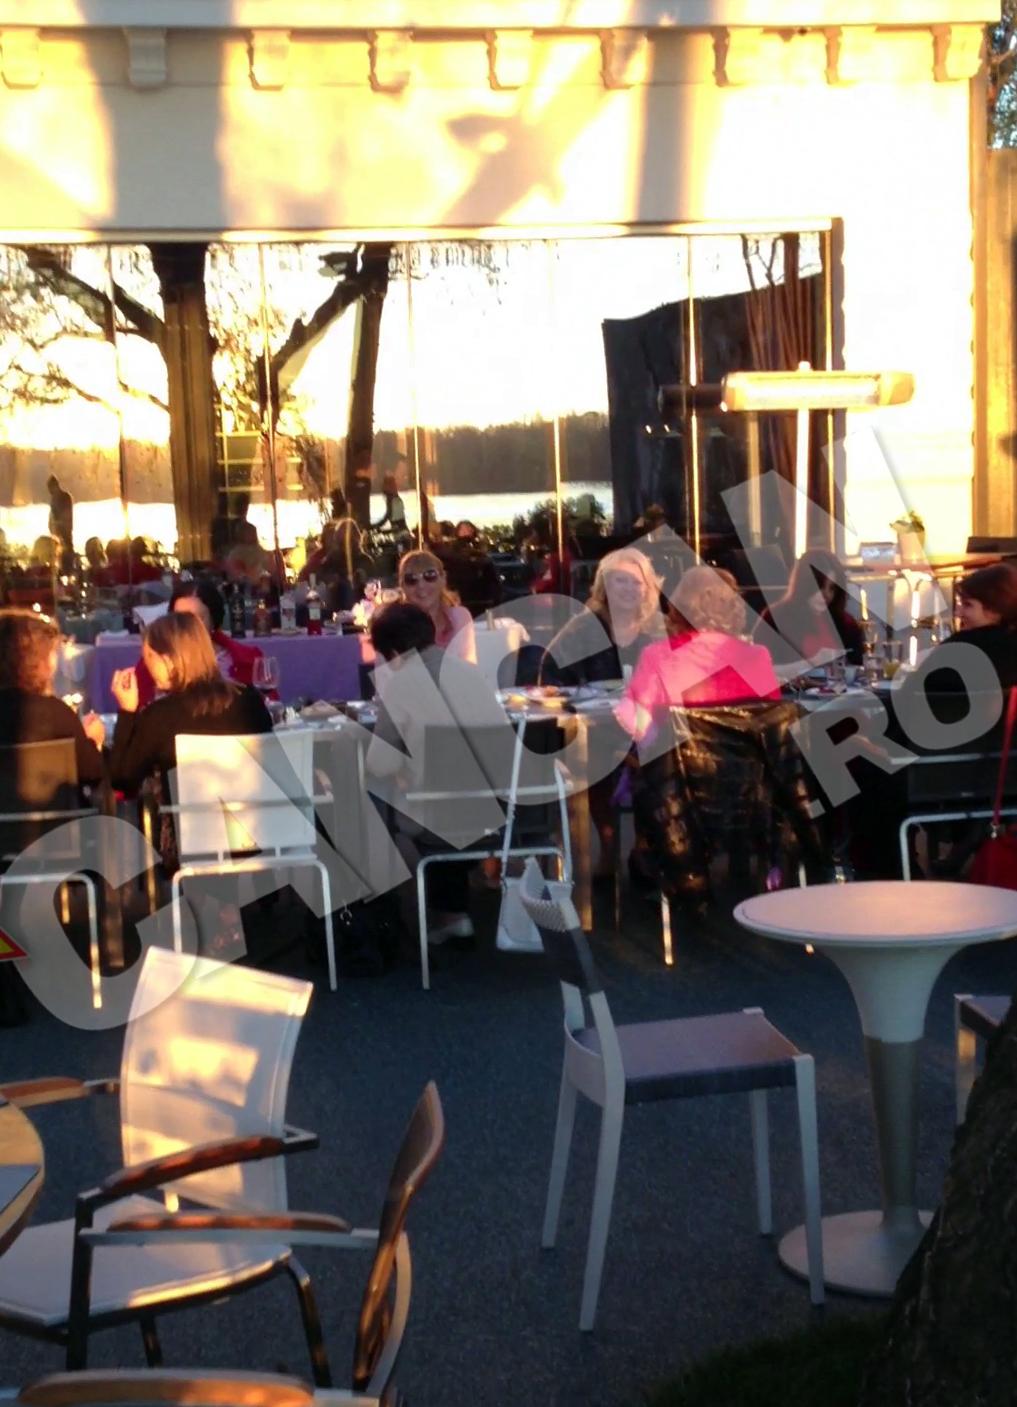 Doamnele s-au asezat in cealalta parte a mesei, plictisite probabil de discutiile politice ale sotilor lor